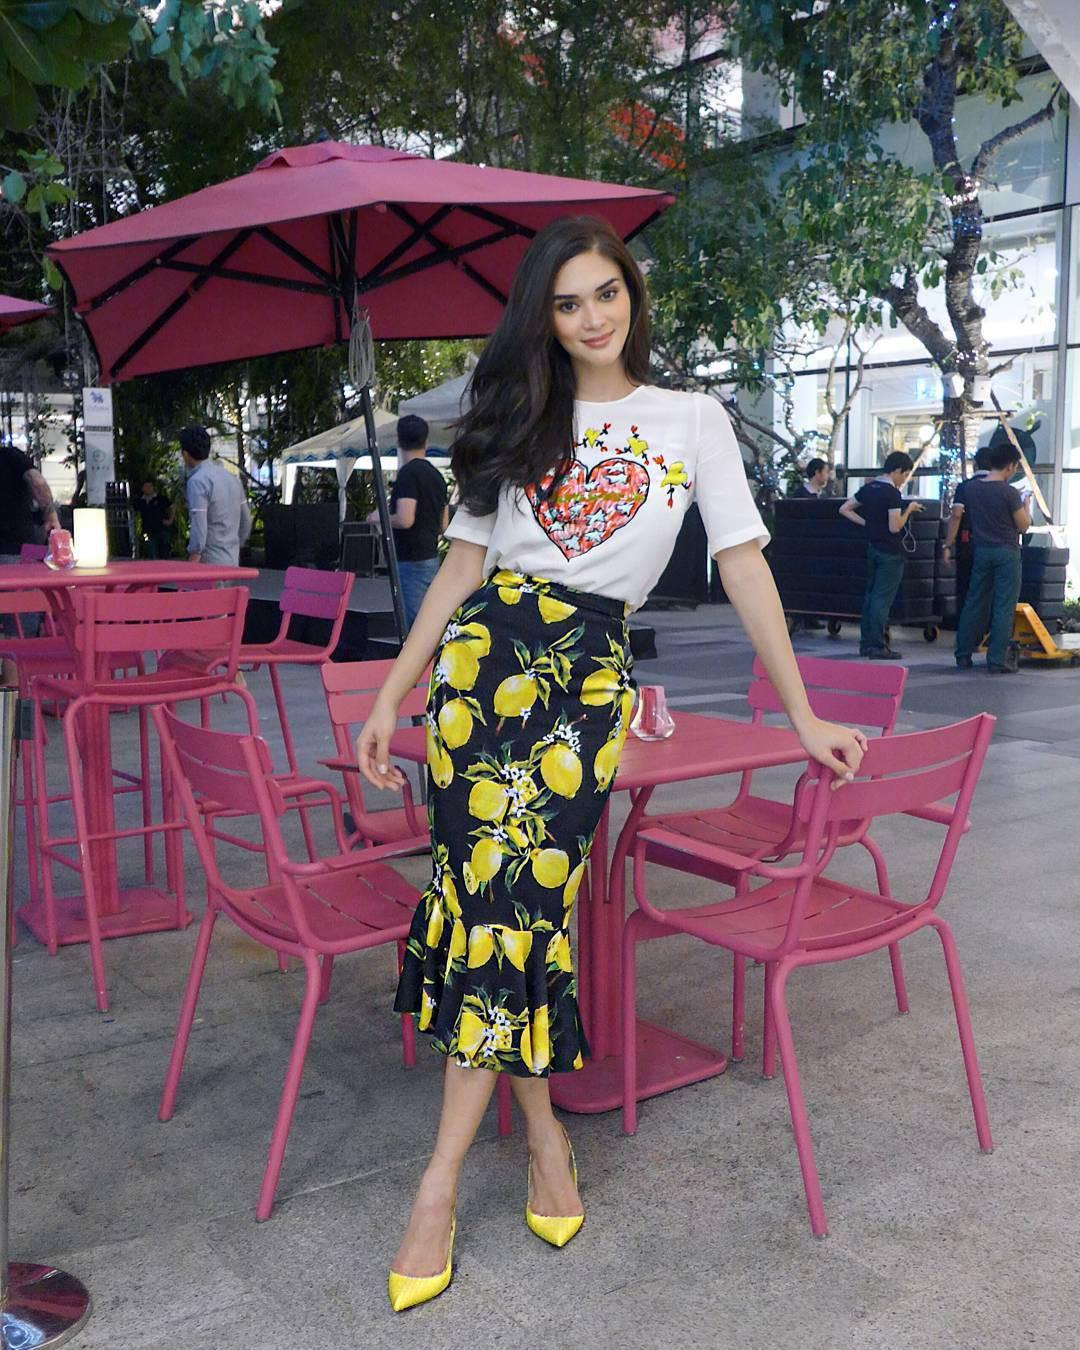 Sau 3 năm đăng quang, Hoa hậu Hoàn vũ Pia ngày càng gợi cảm cùng gu thời trang đẹp xuất sắc - Ảnh 11.